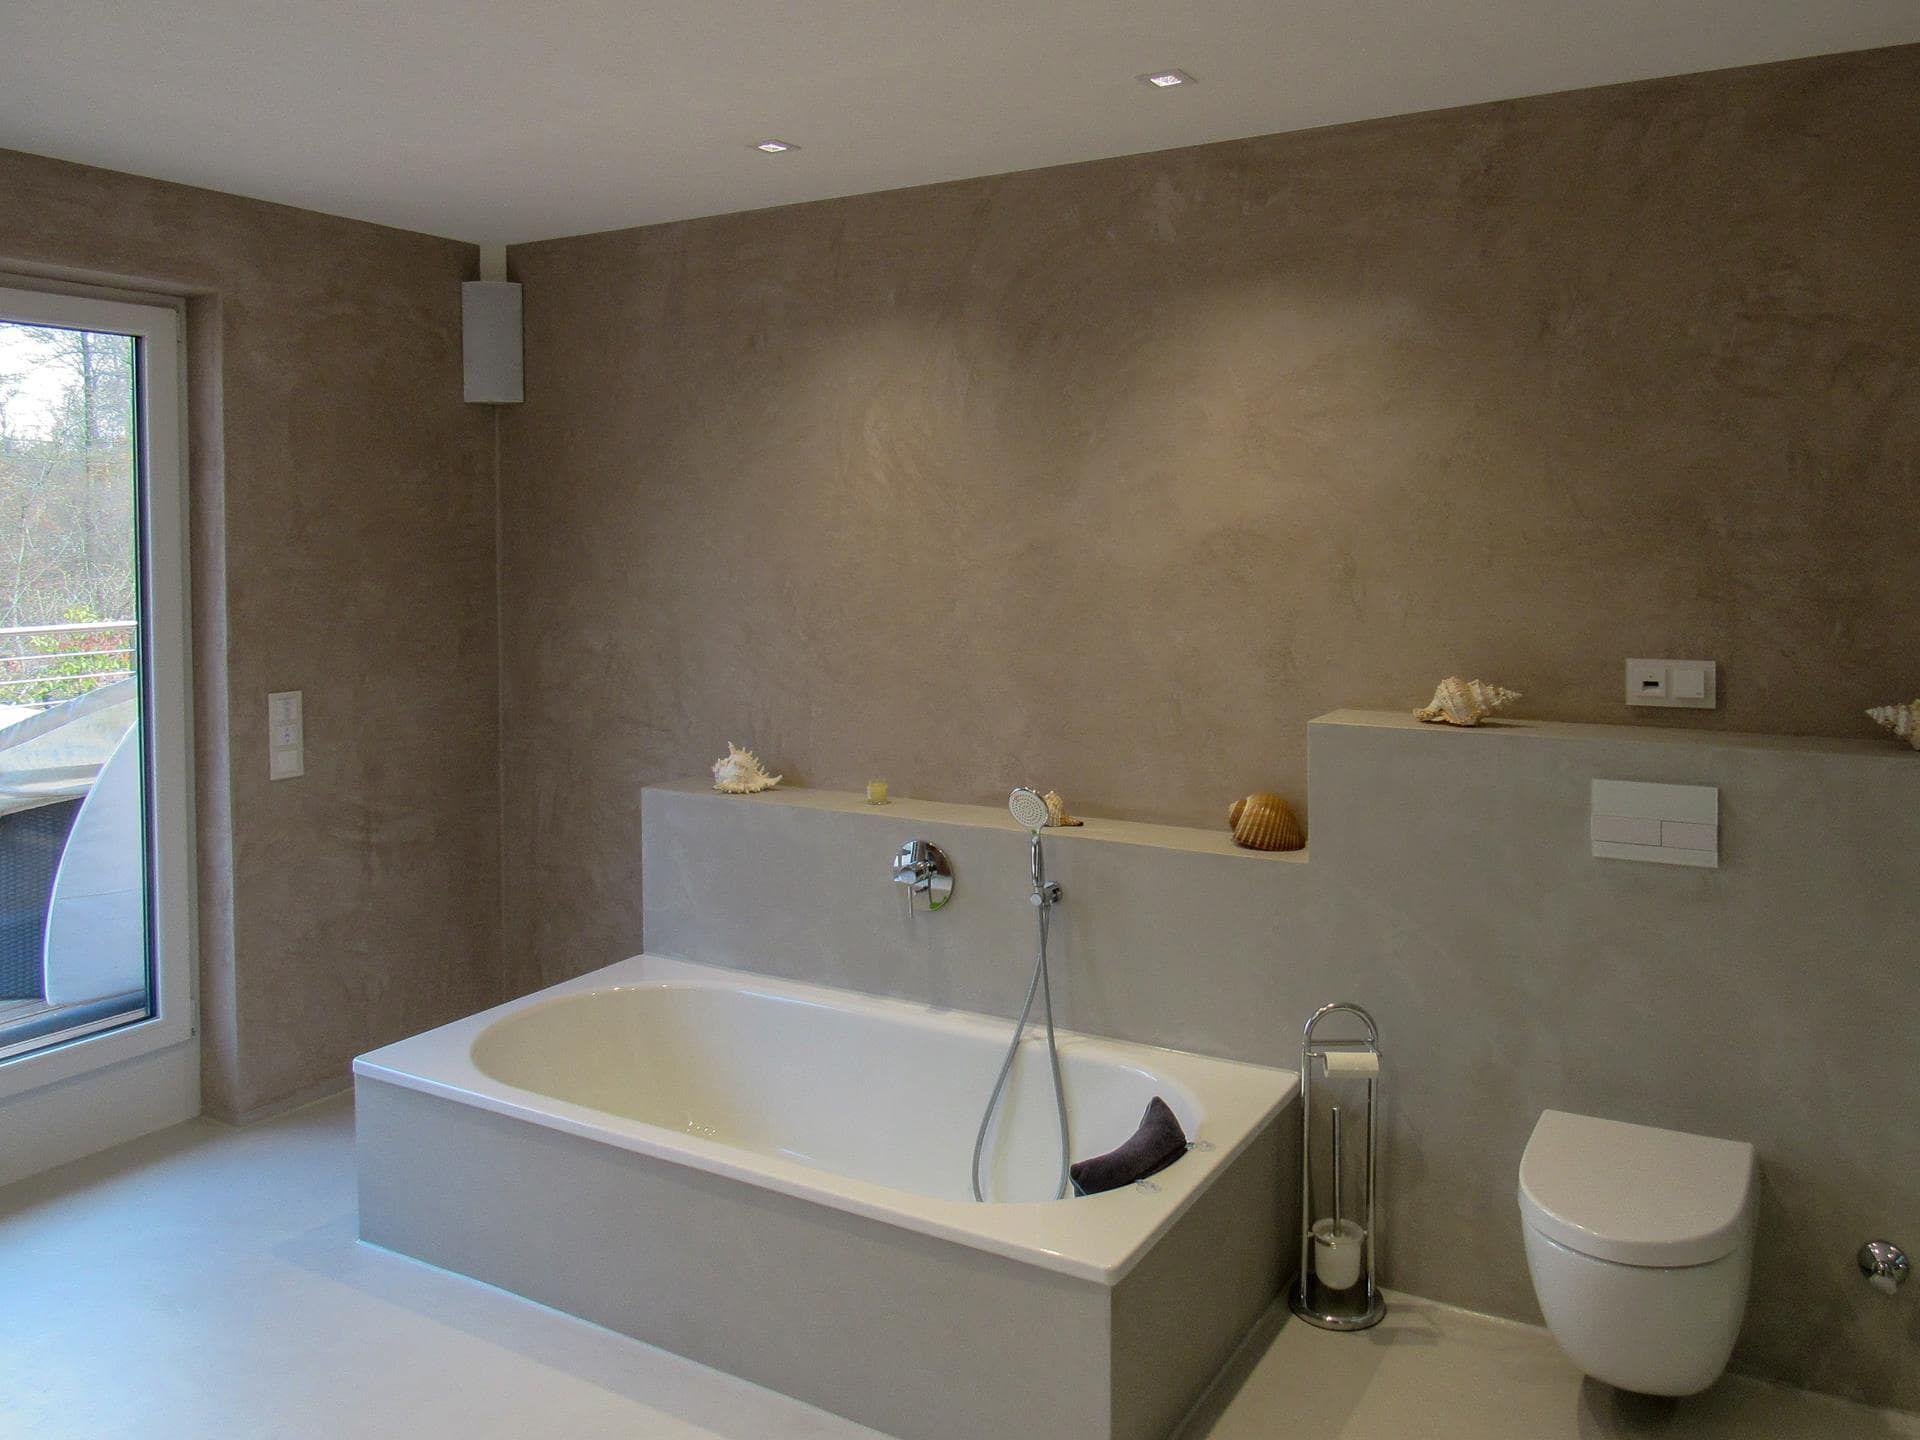 Fugenlos Gespachteltes Bad Ohne Fliesen Badezimmer Badezimmer Design Bad Design